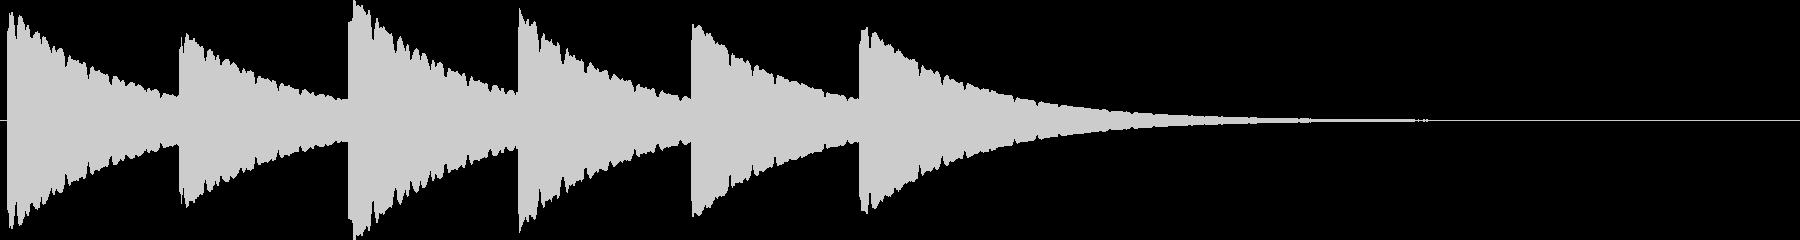 古時計(ホラー)03の未再生の波形